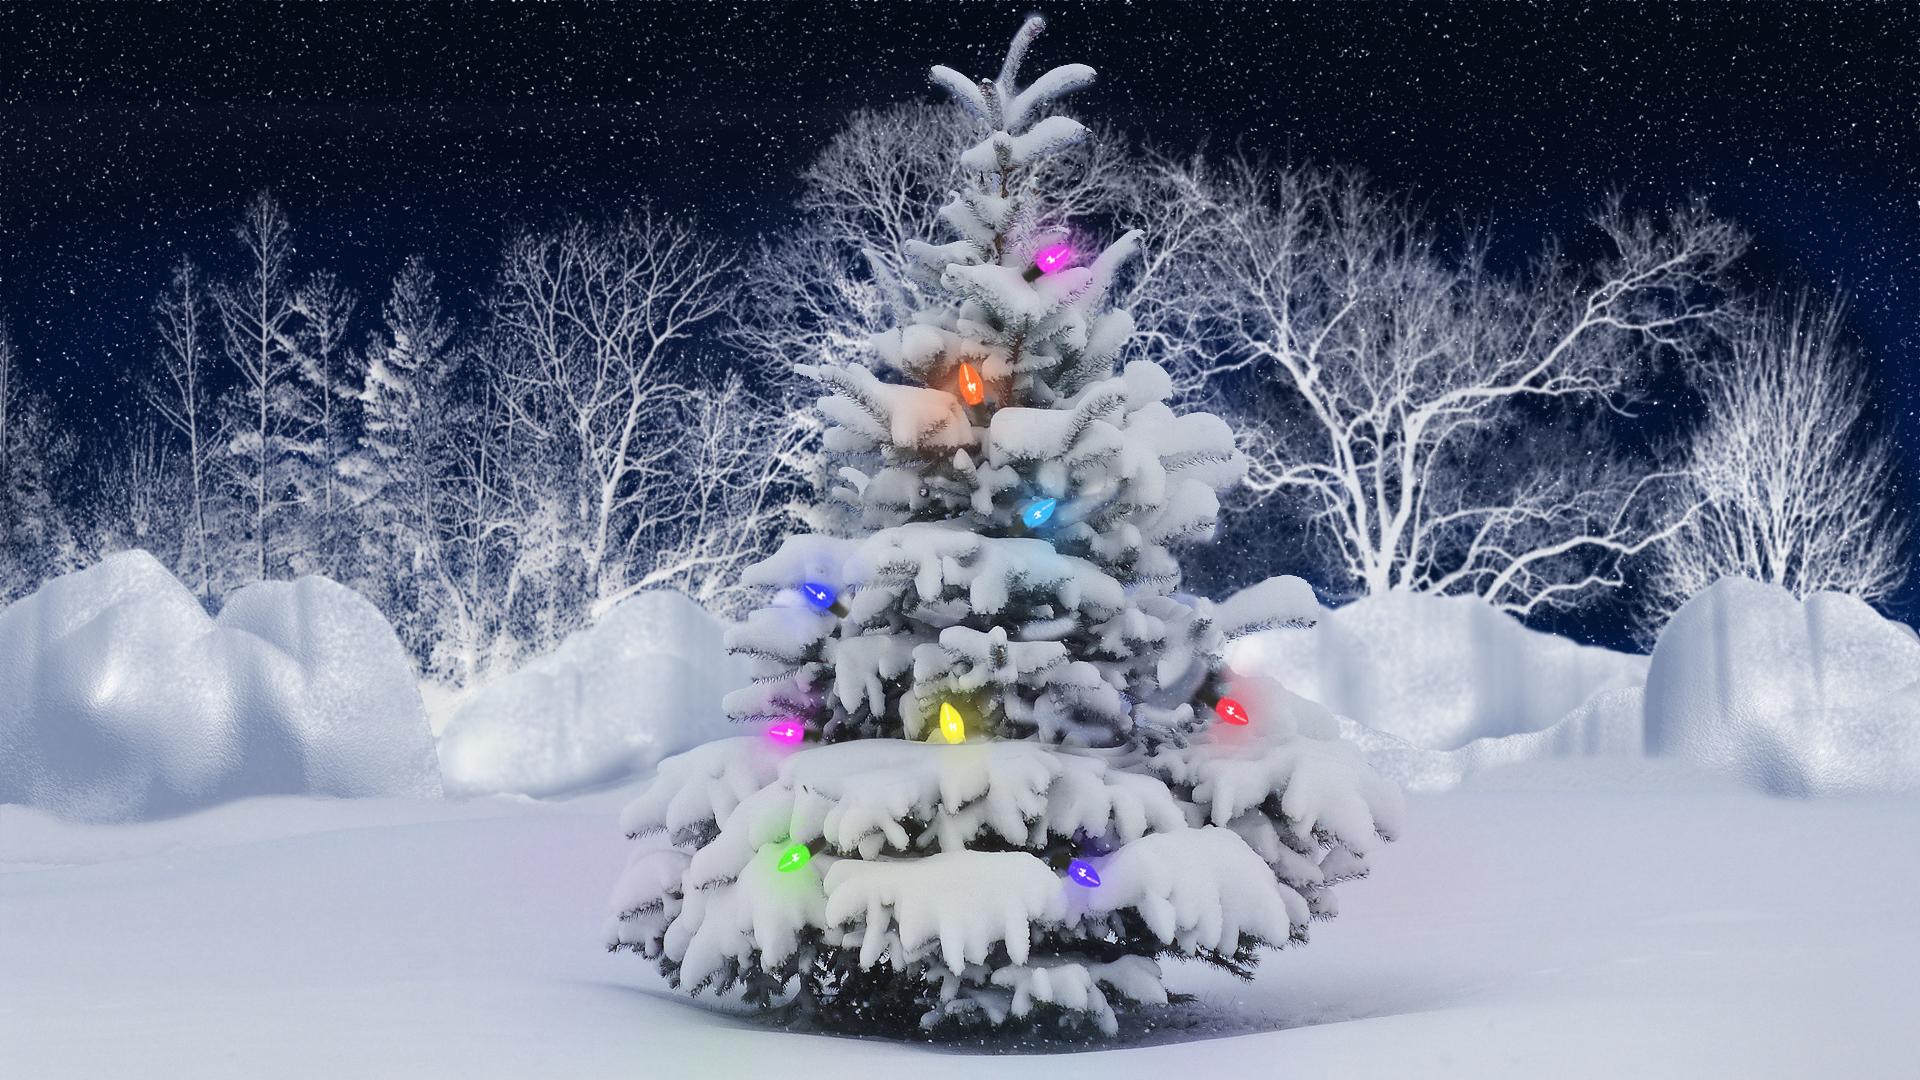 O Christmas Tree by Frankief